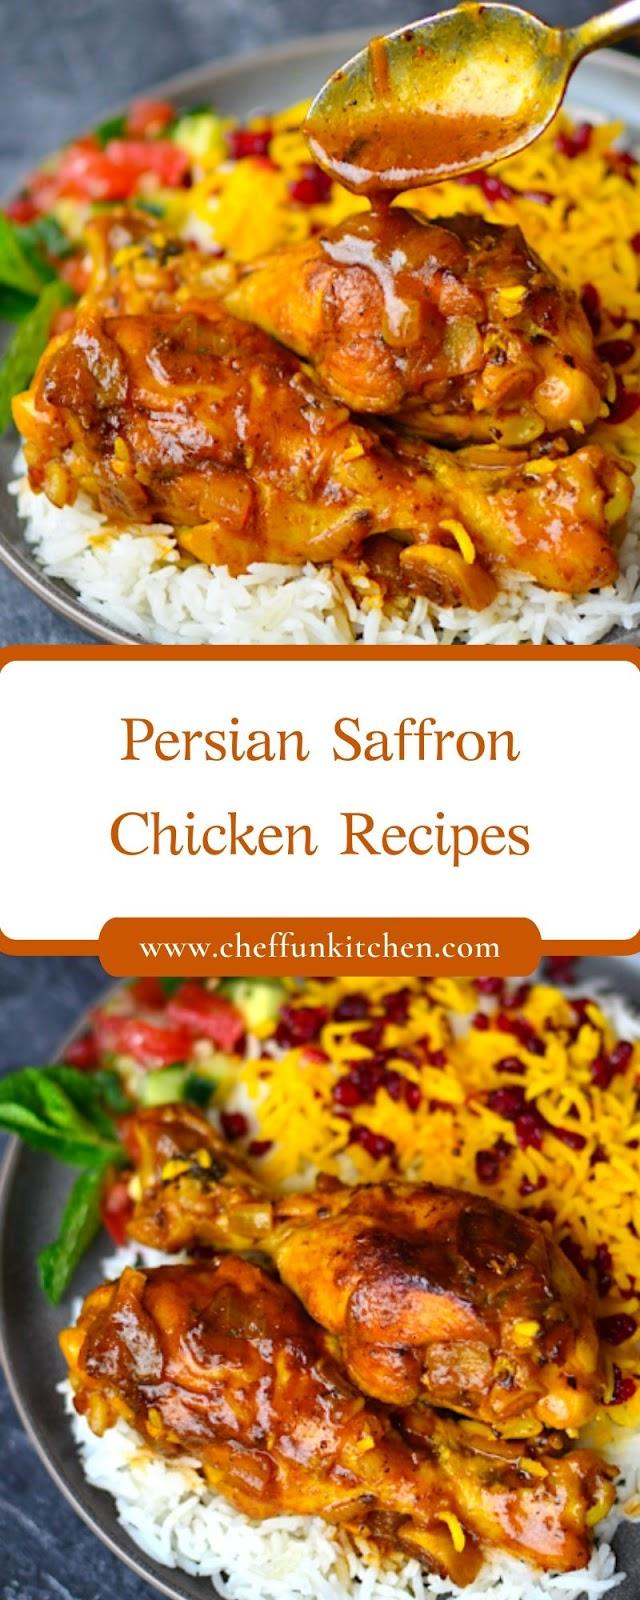 Persian Saffron Chicken Recipes